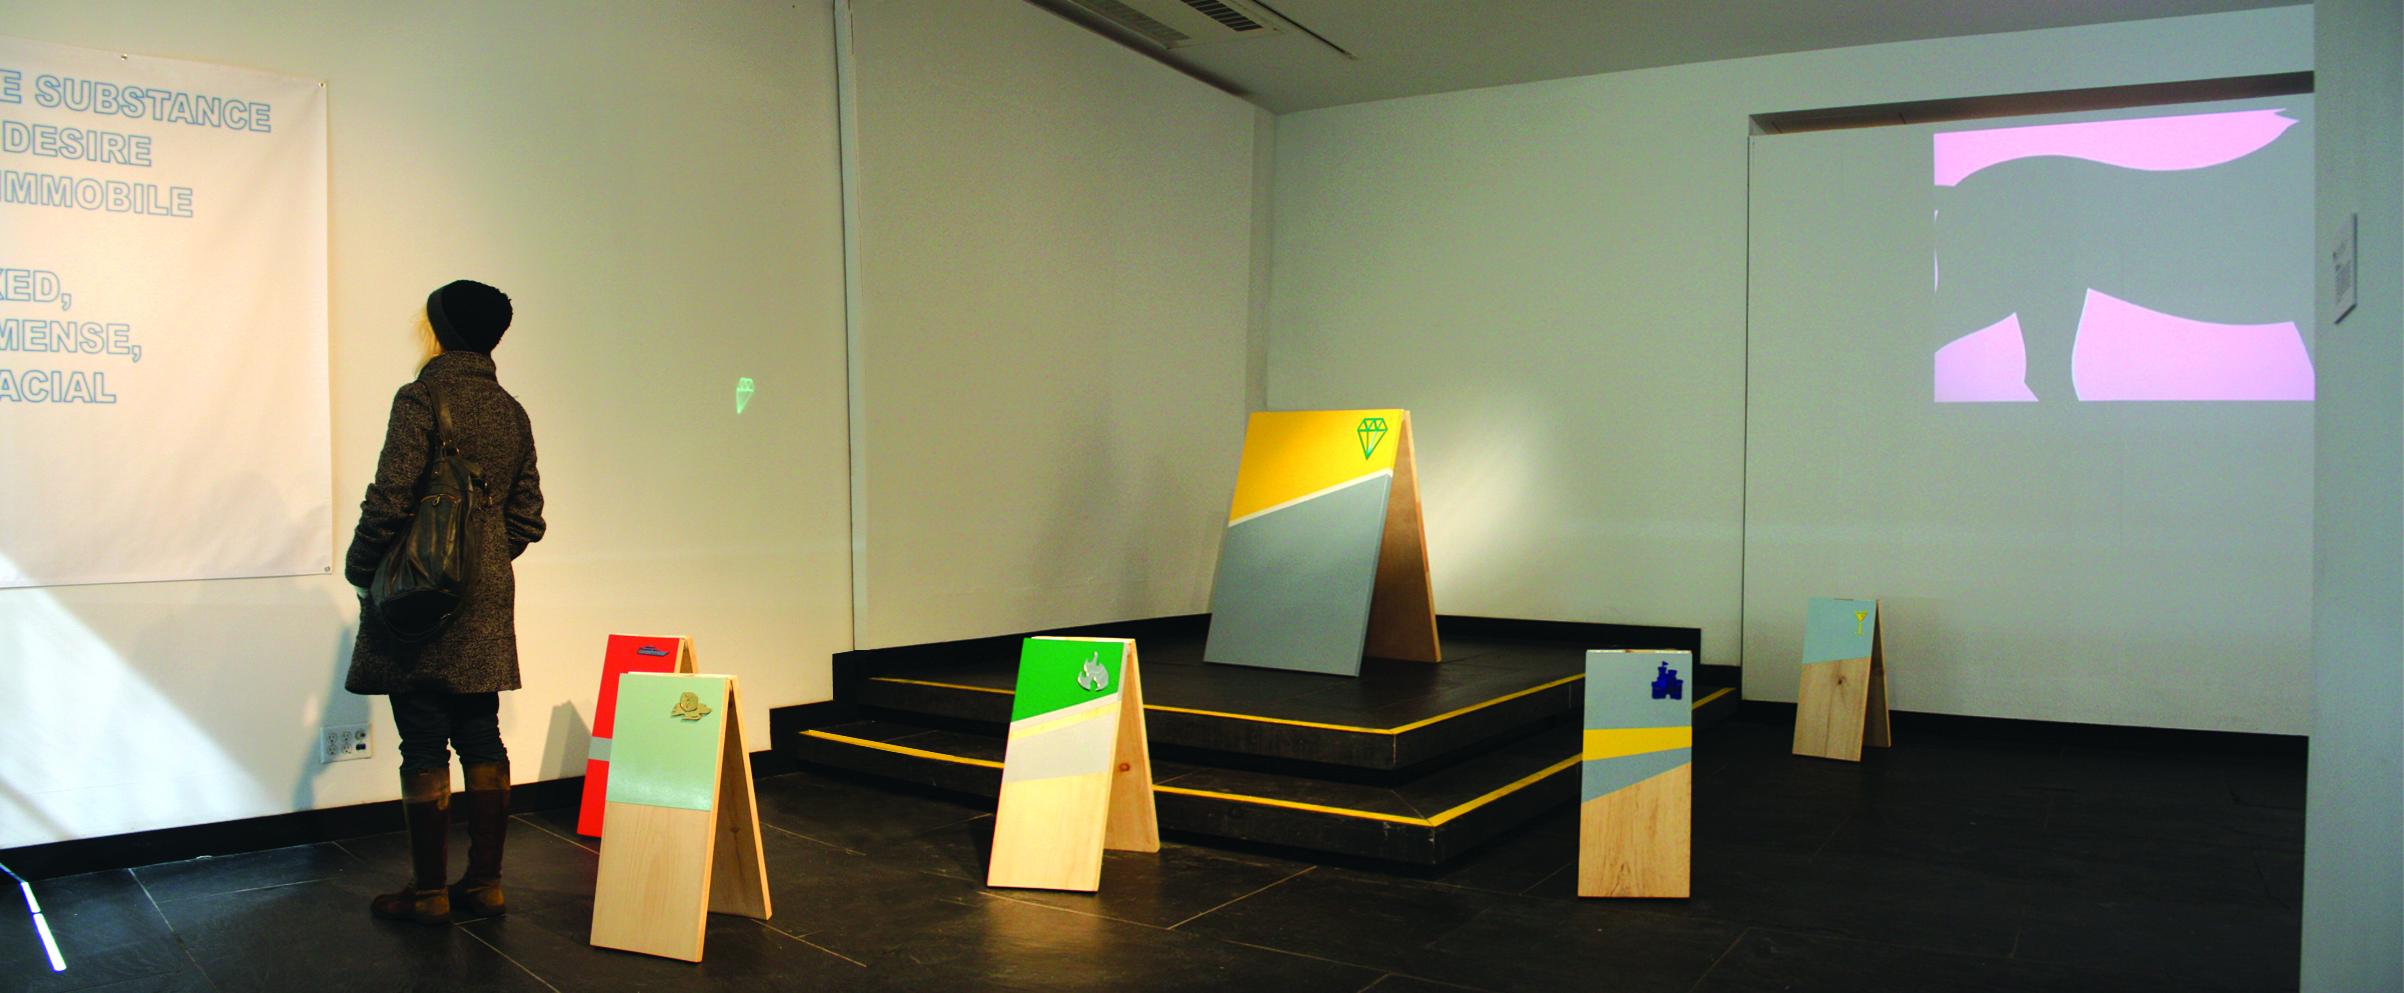 KRYPTONITE Installation Cervantes Institute, NYC 2011